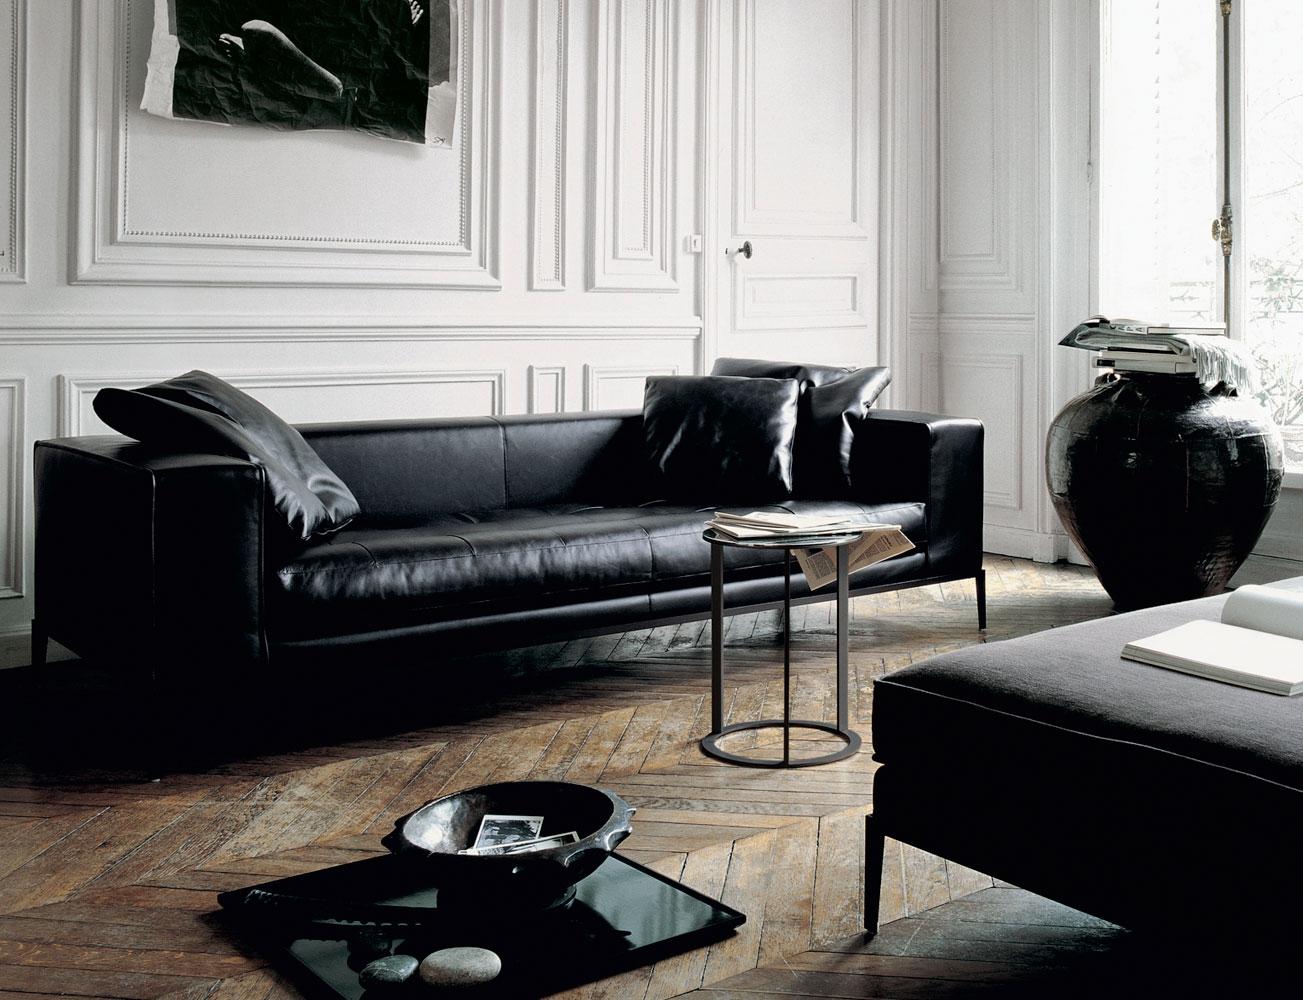 Черный диван в интерьере в стиле арт-деко